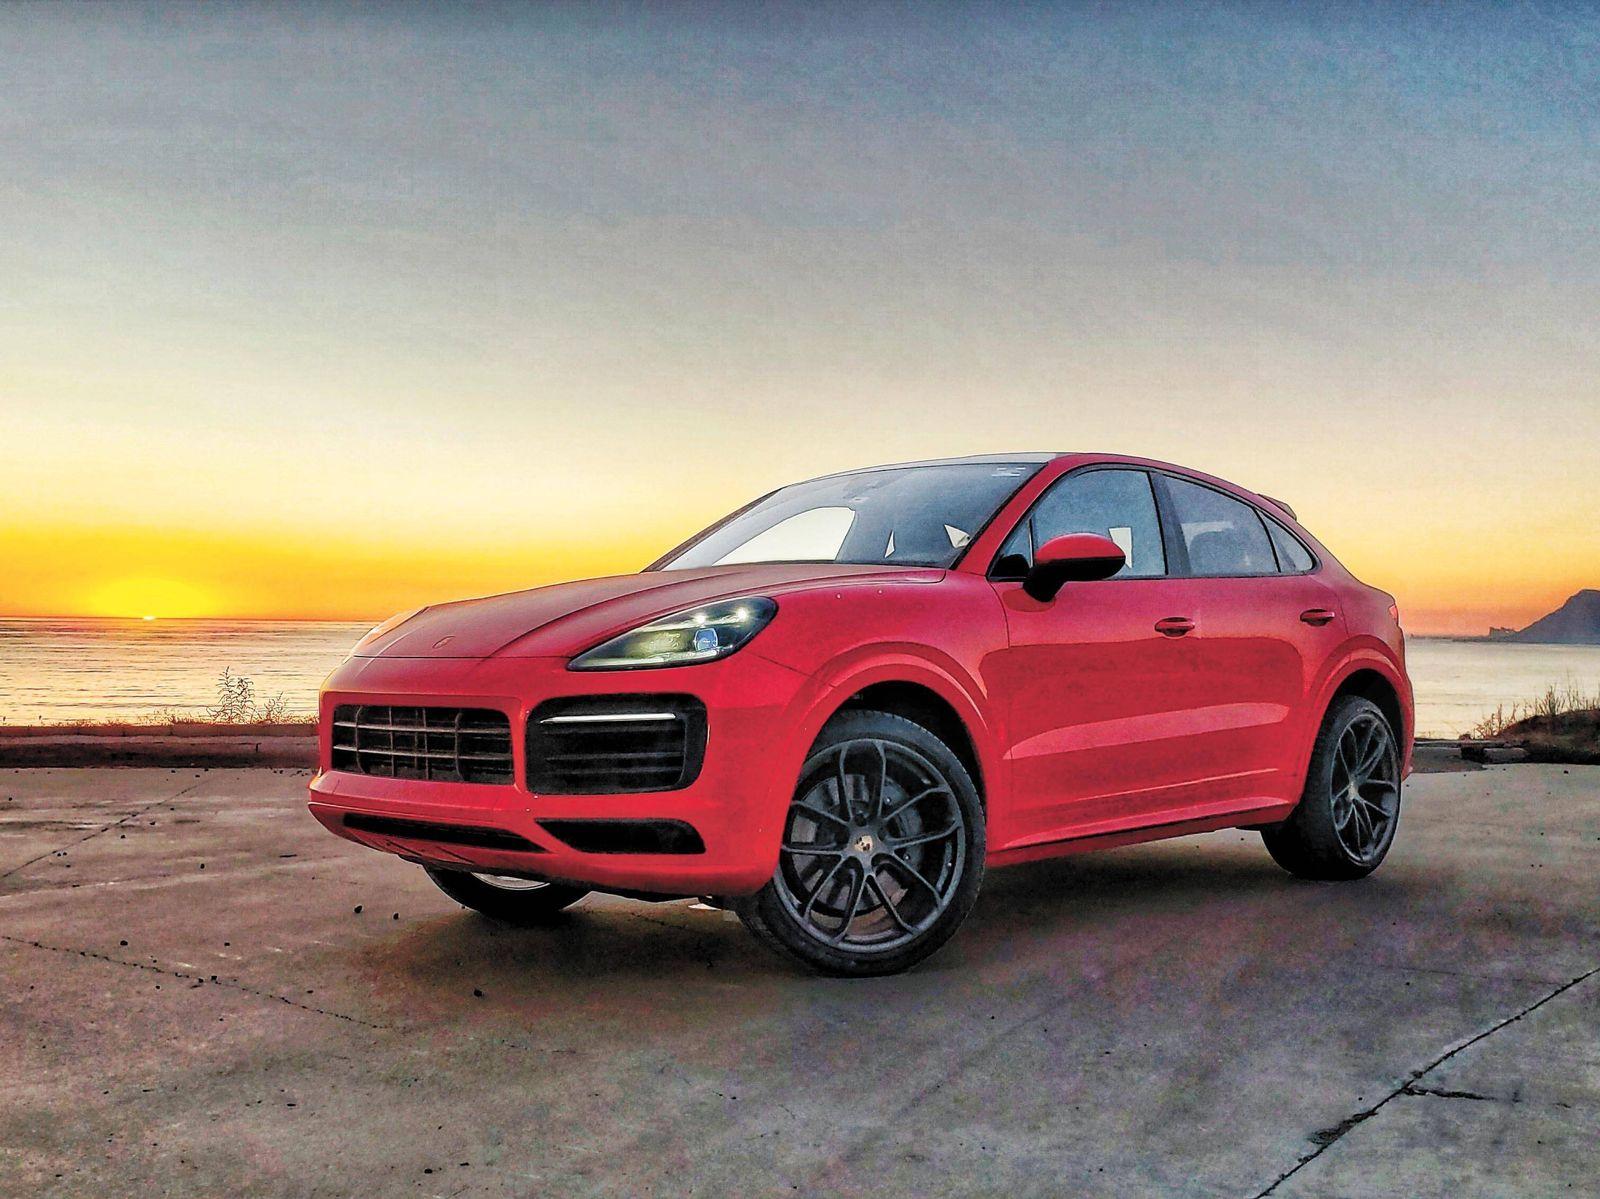 October 21, 2019: CIUDAD DE Mo°XICO, noviembre 8 (EL UNIVERSAL).- Porsche presenta la nueva Cayenne Coupe en nuestro pai